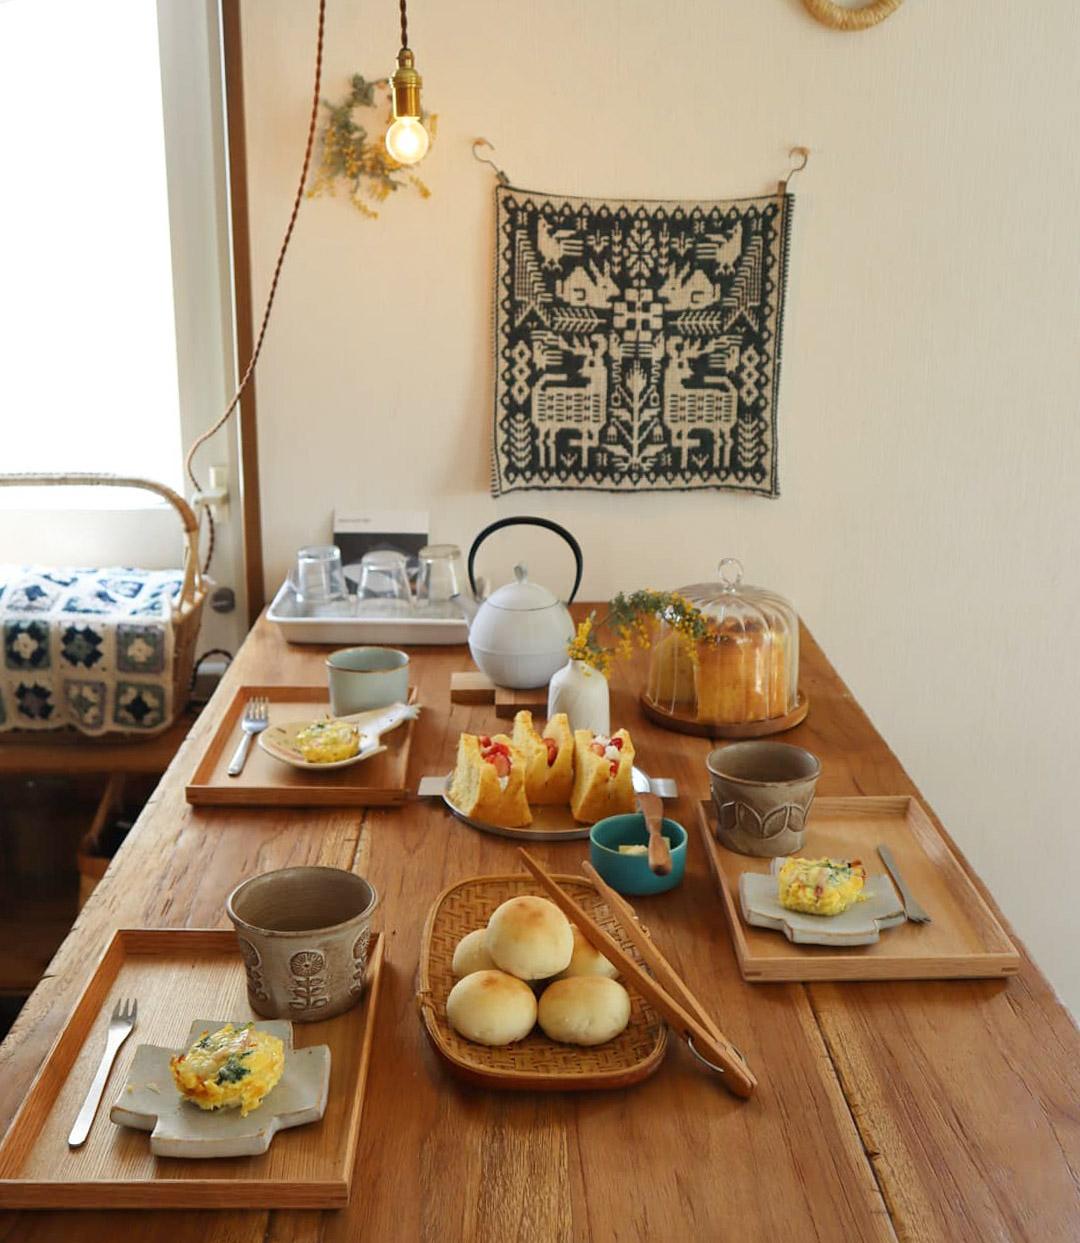 ダイニングテーブル横の壁に飾られている織物は、大宮のヨーロッパ雑貨店「rytas(リータス)」で購入したもの。器も、こだわって選ばれています。